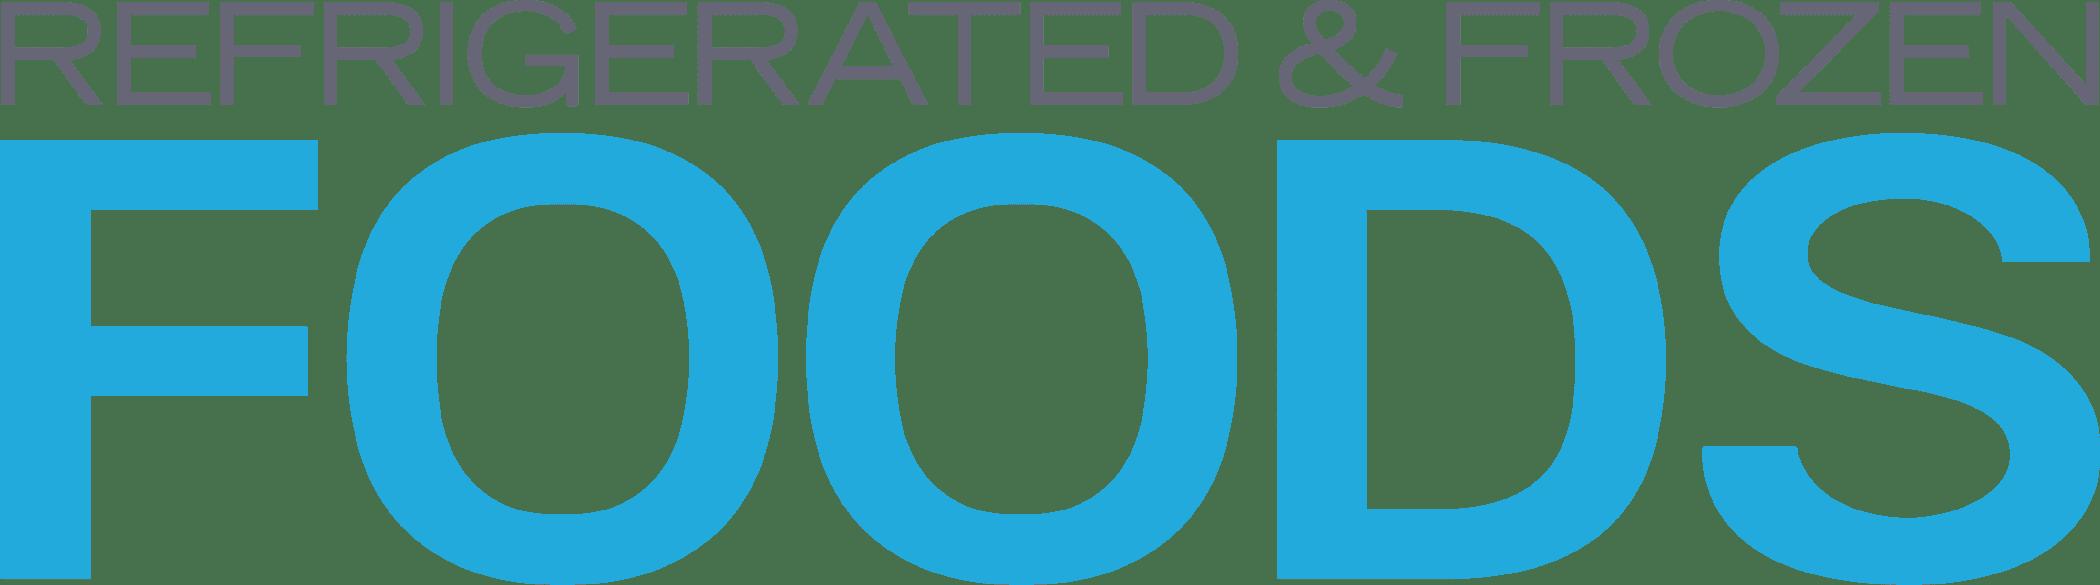 Material property, Product, Azure, Font, Aqua, Line